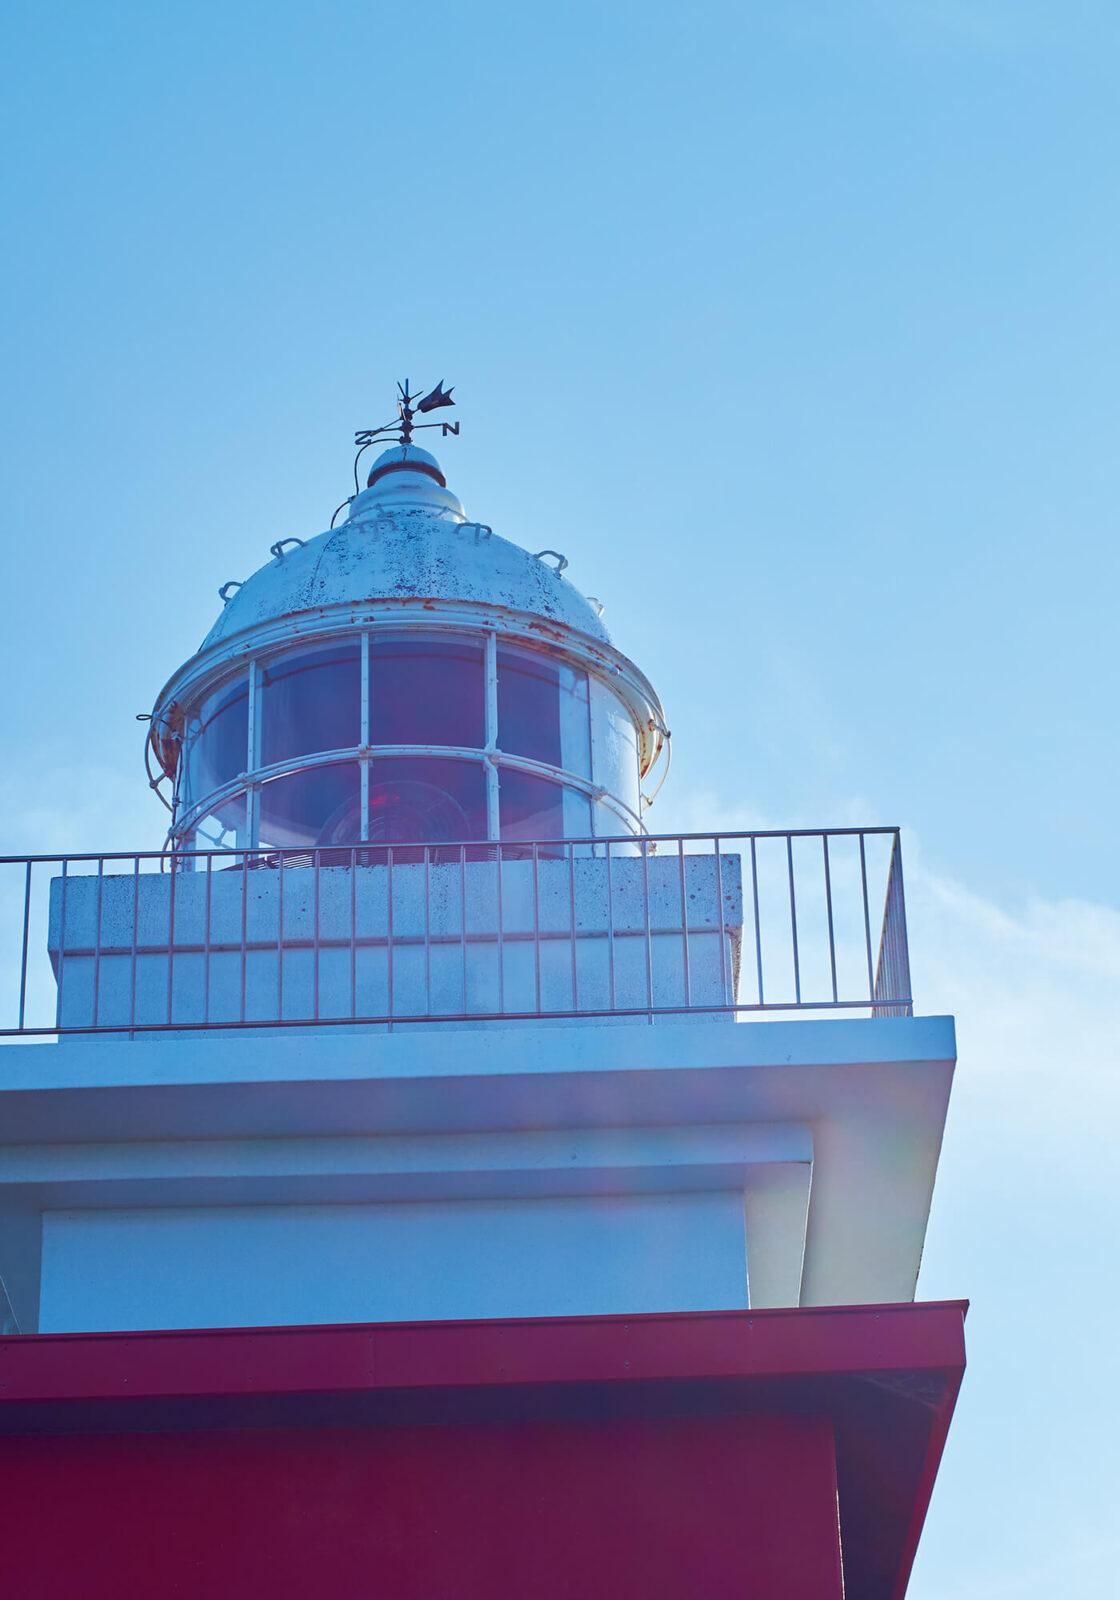 落石岬灯台は北海道で10番目に設置された歴史のある灯台で「日本の灯台50選」にも選出されている。紅白の塗り分けは目印として、特に積雪期でも目立つようにと施された。